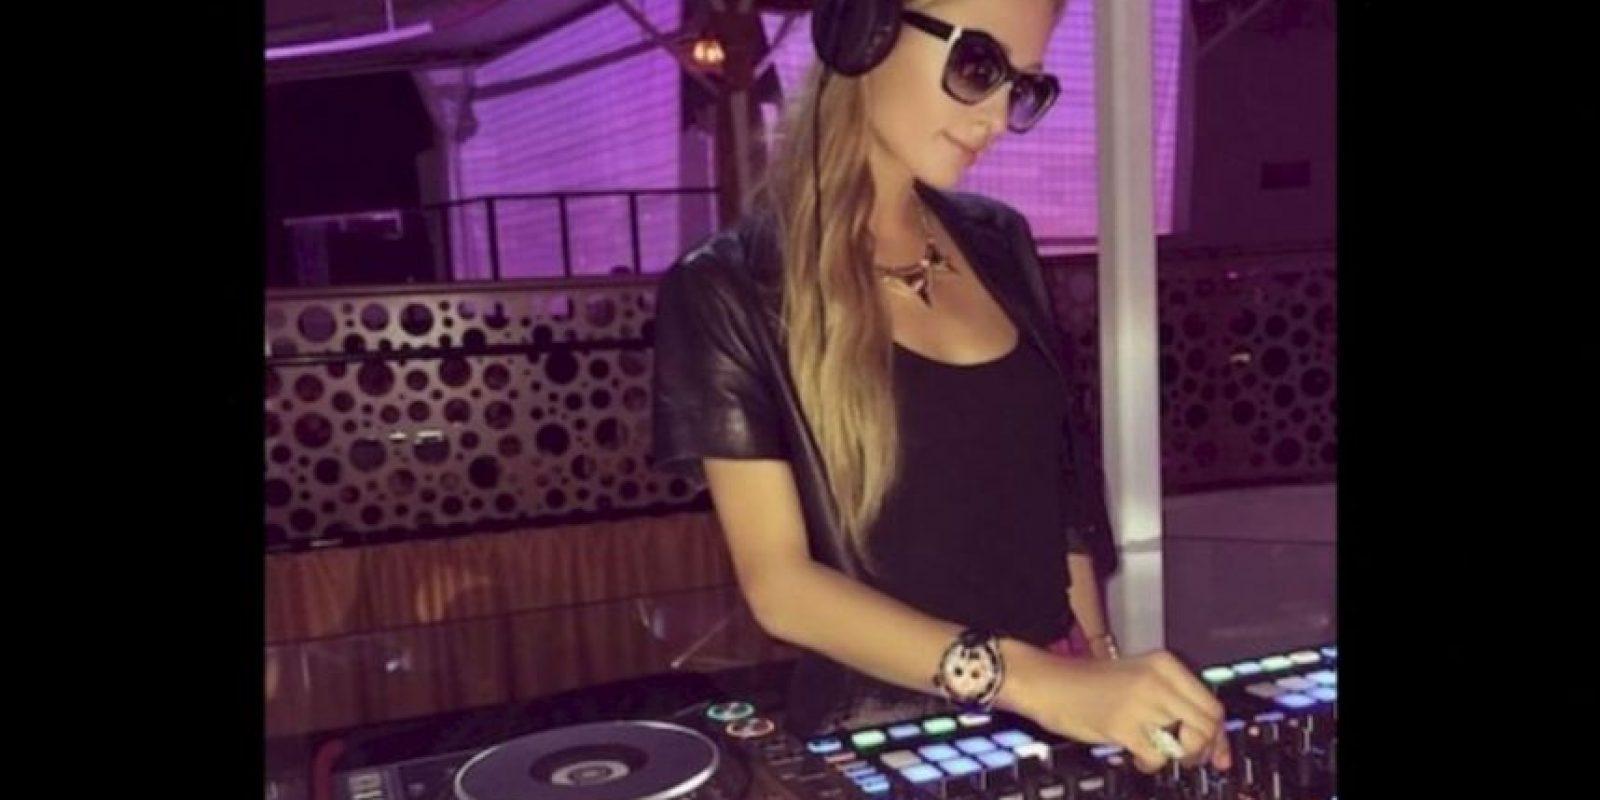 """Durante su viaje a Polonia de septiembre pasado, Paris Hilton perdió un anillo de diamantes valuado en 350 mil dólares, pero la socialité ha tenido mucha suerte y un """"buen hombre """"se lo ha regresado. Foto:Instagram.com/ParisHilton"""